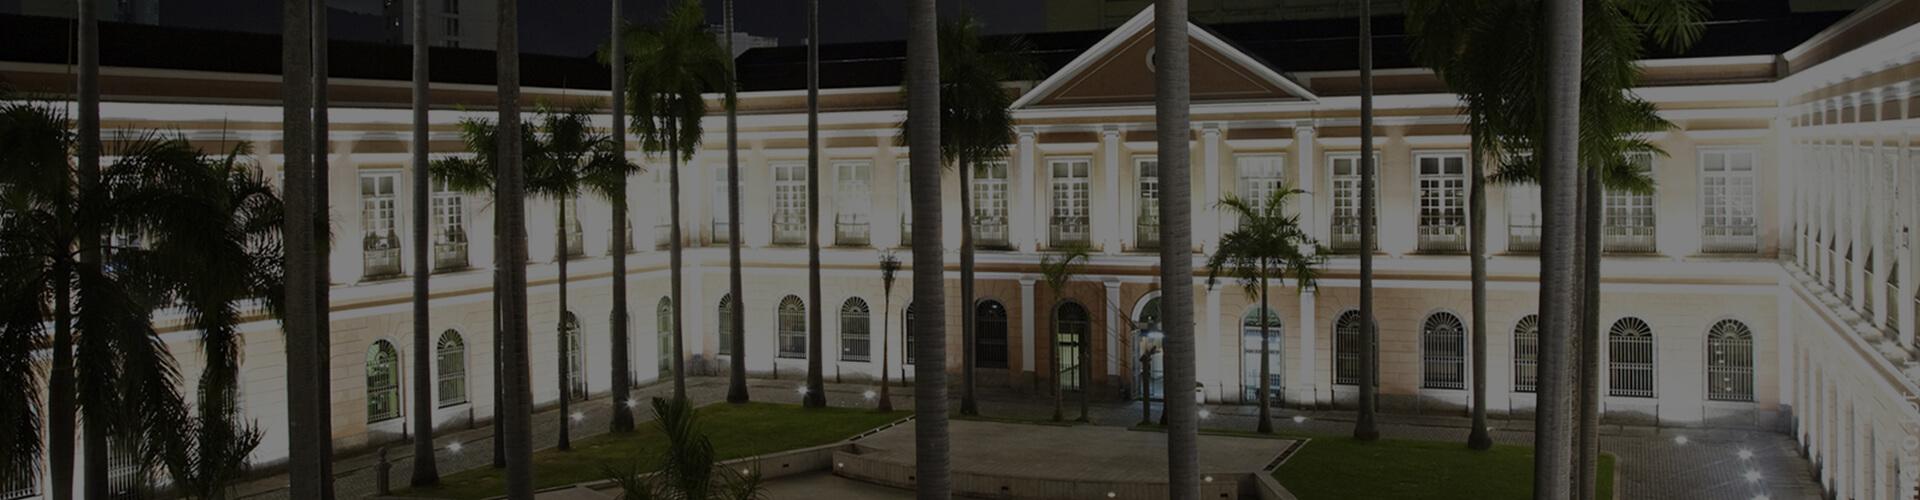 RIO DE JANEIRO - ARQUIVO NACIONAL - FOT. ADRIANO AMARO